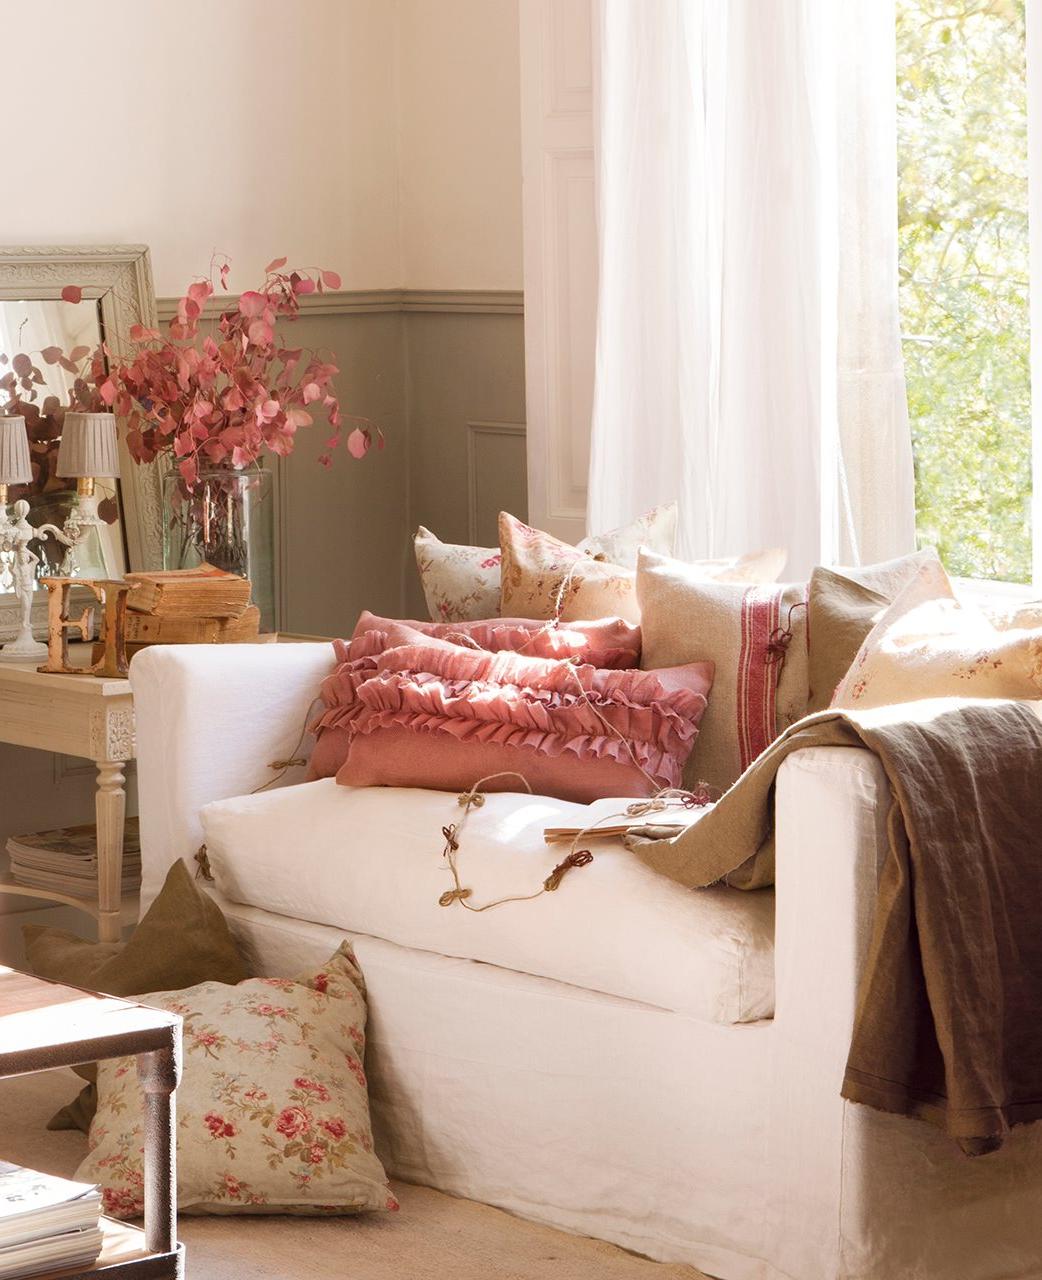 Que Cojines Poner En Un sofa Beige U3dh El Poder De Los Cojines Un sofà De Revista